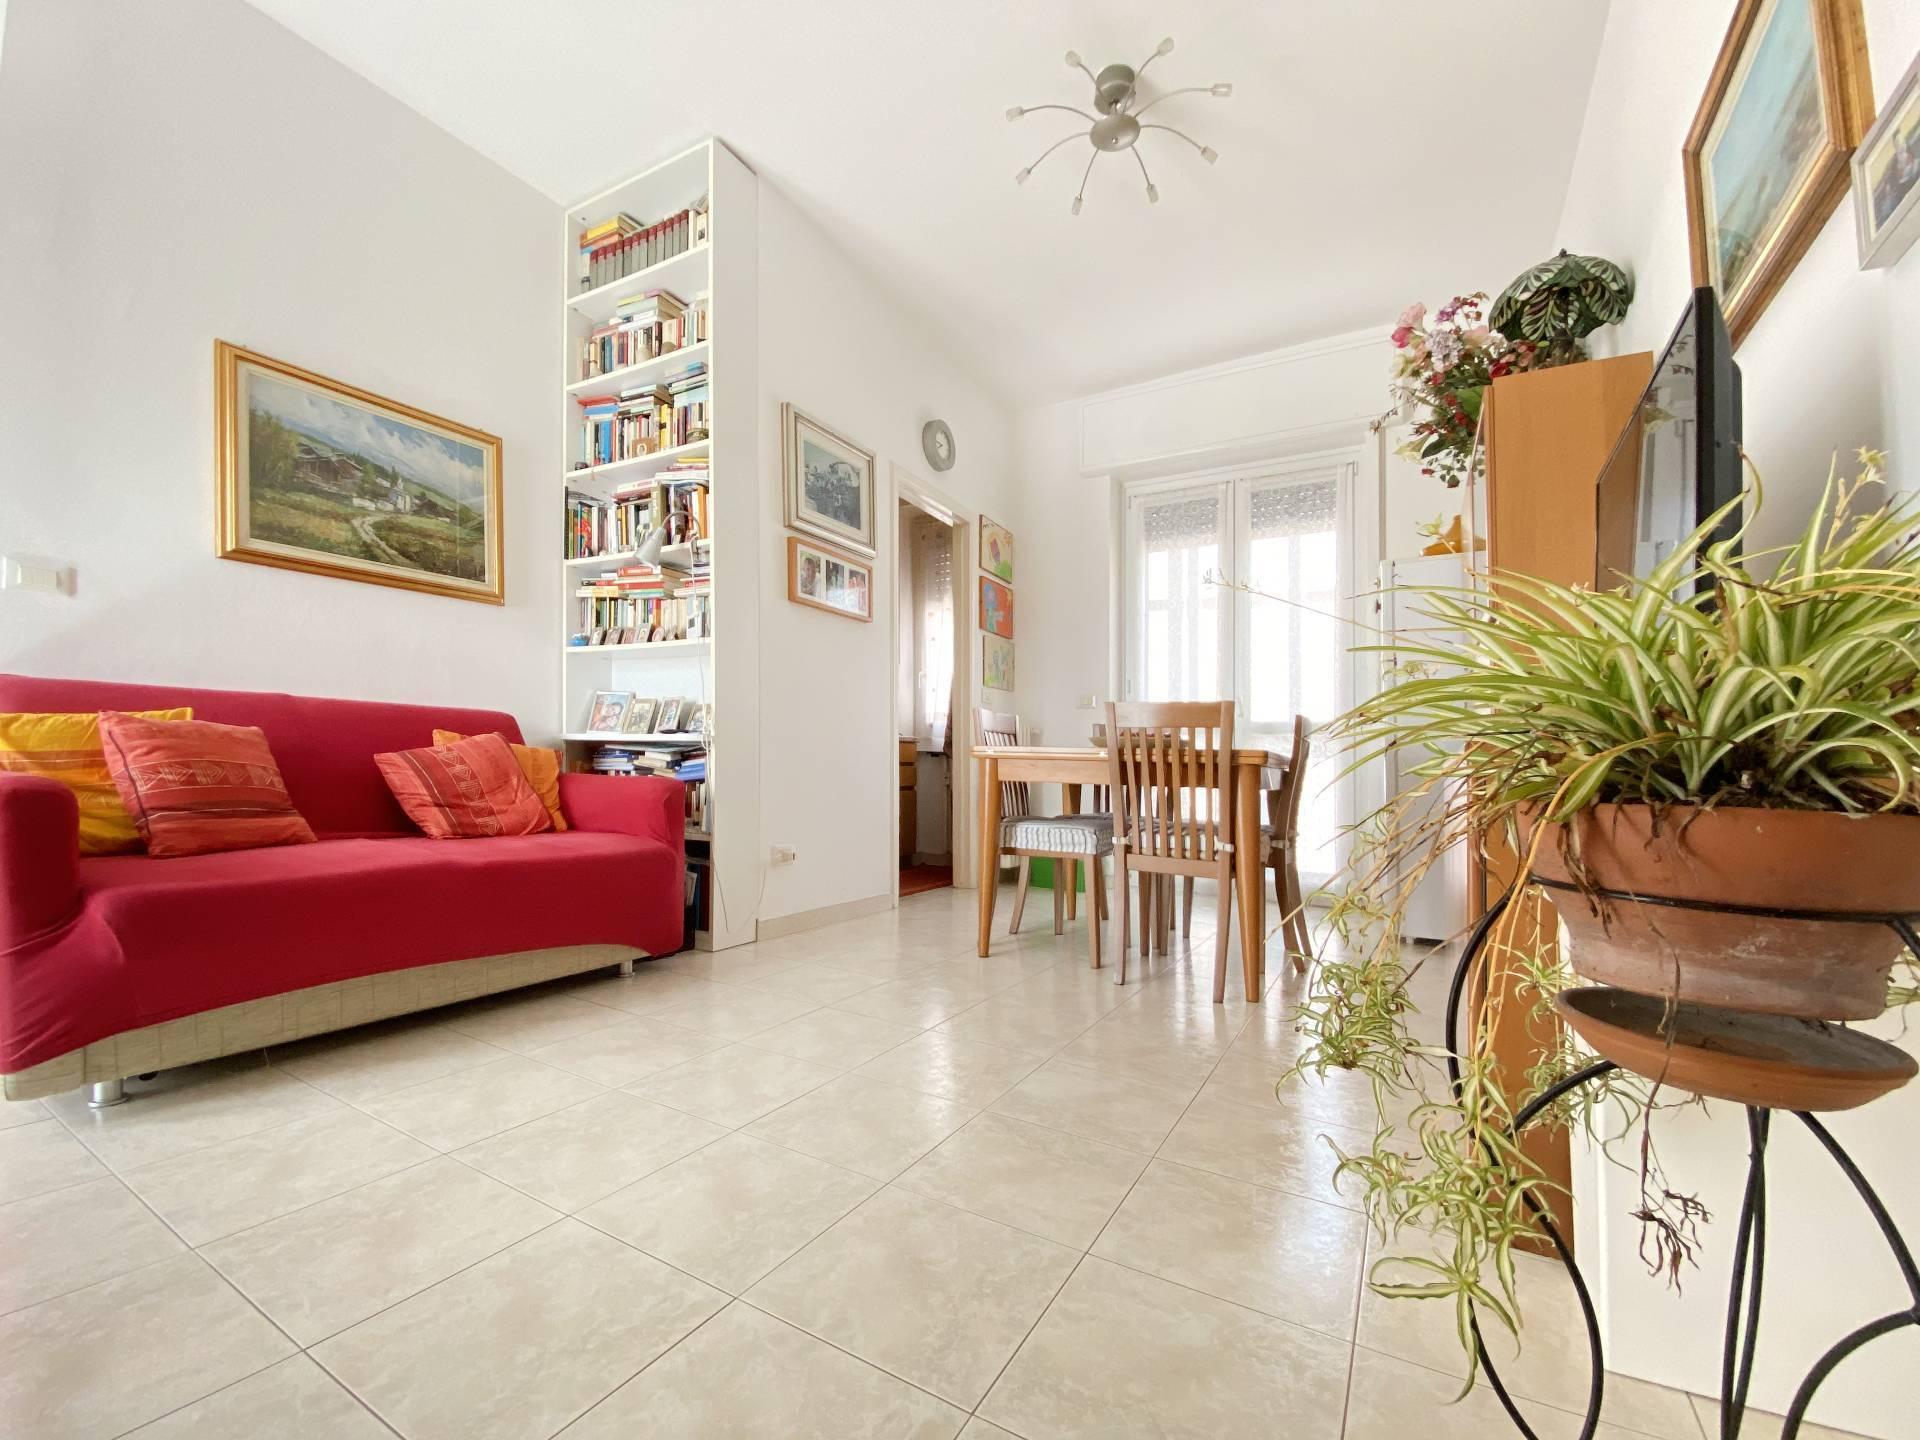 Appartamento in vendita a Sesto San Giovanni, 2 locali, prezzo € 189.000 | PortaleAgenzieImmobiliari.it